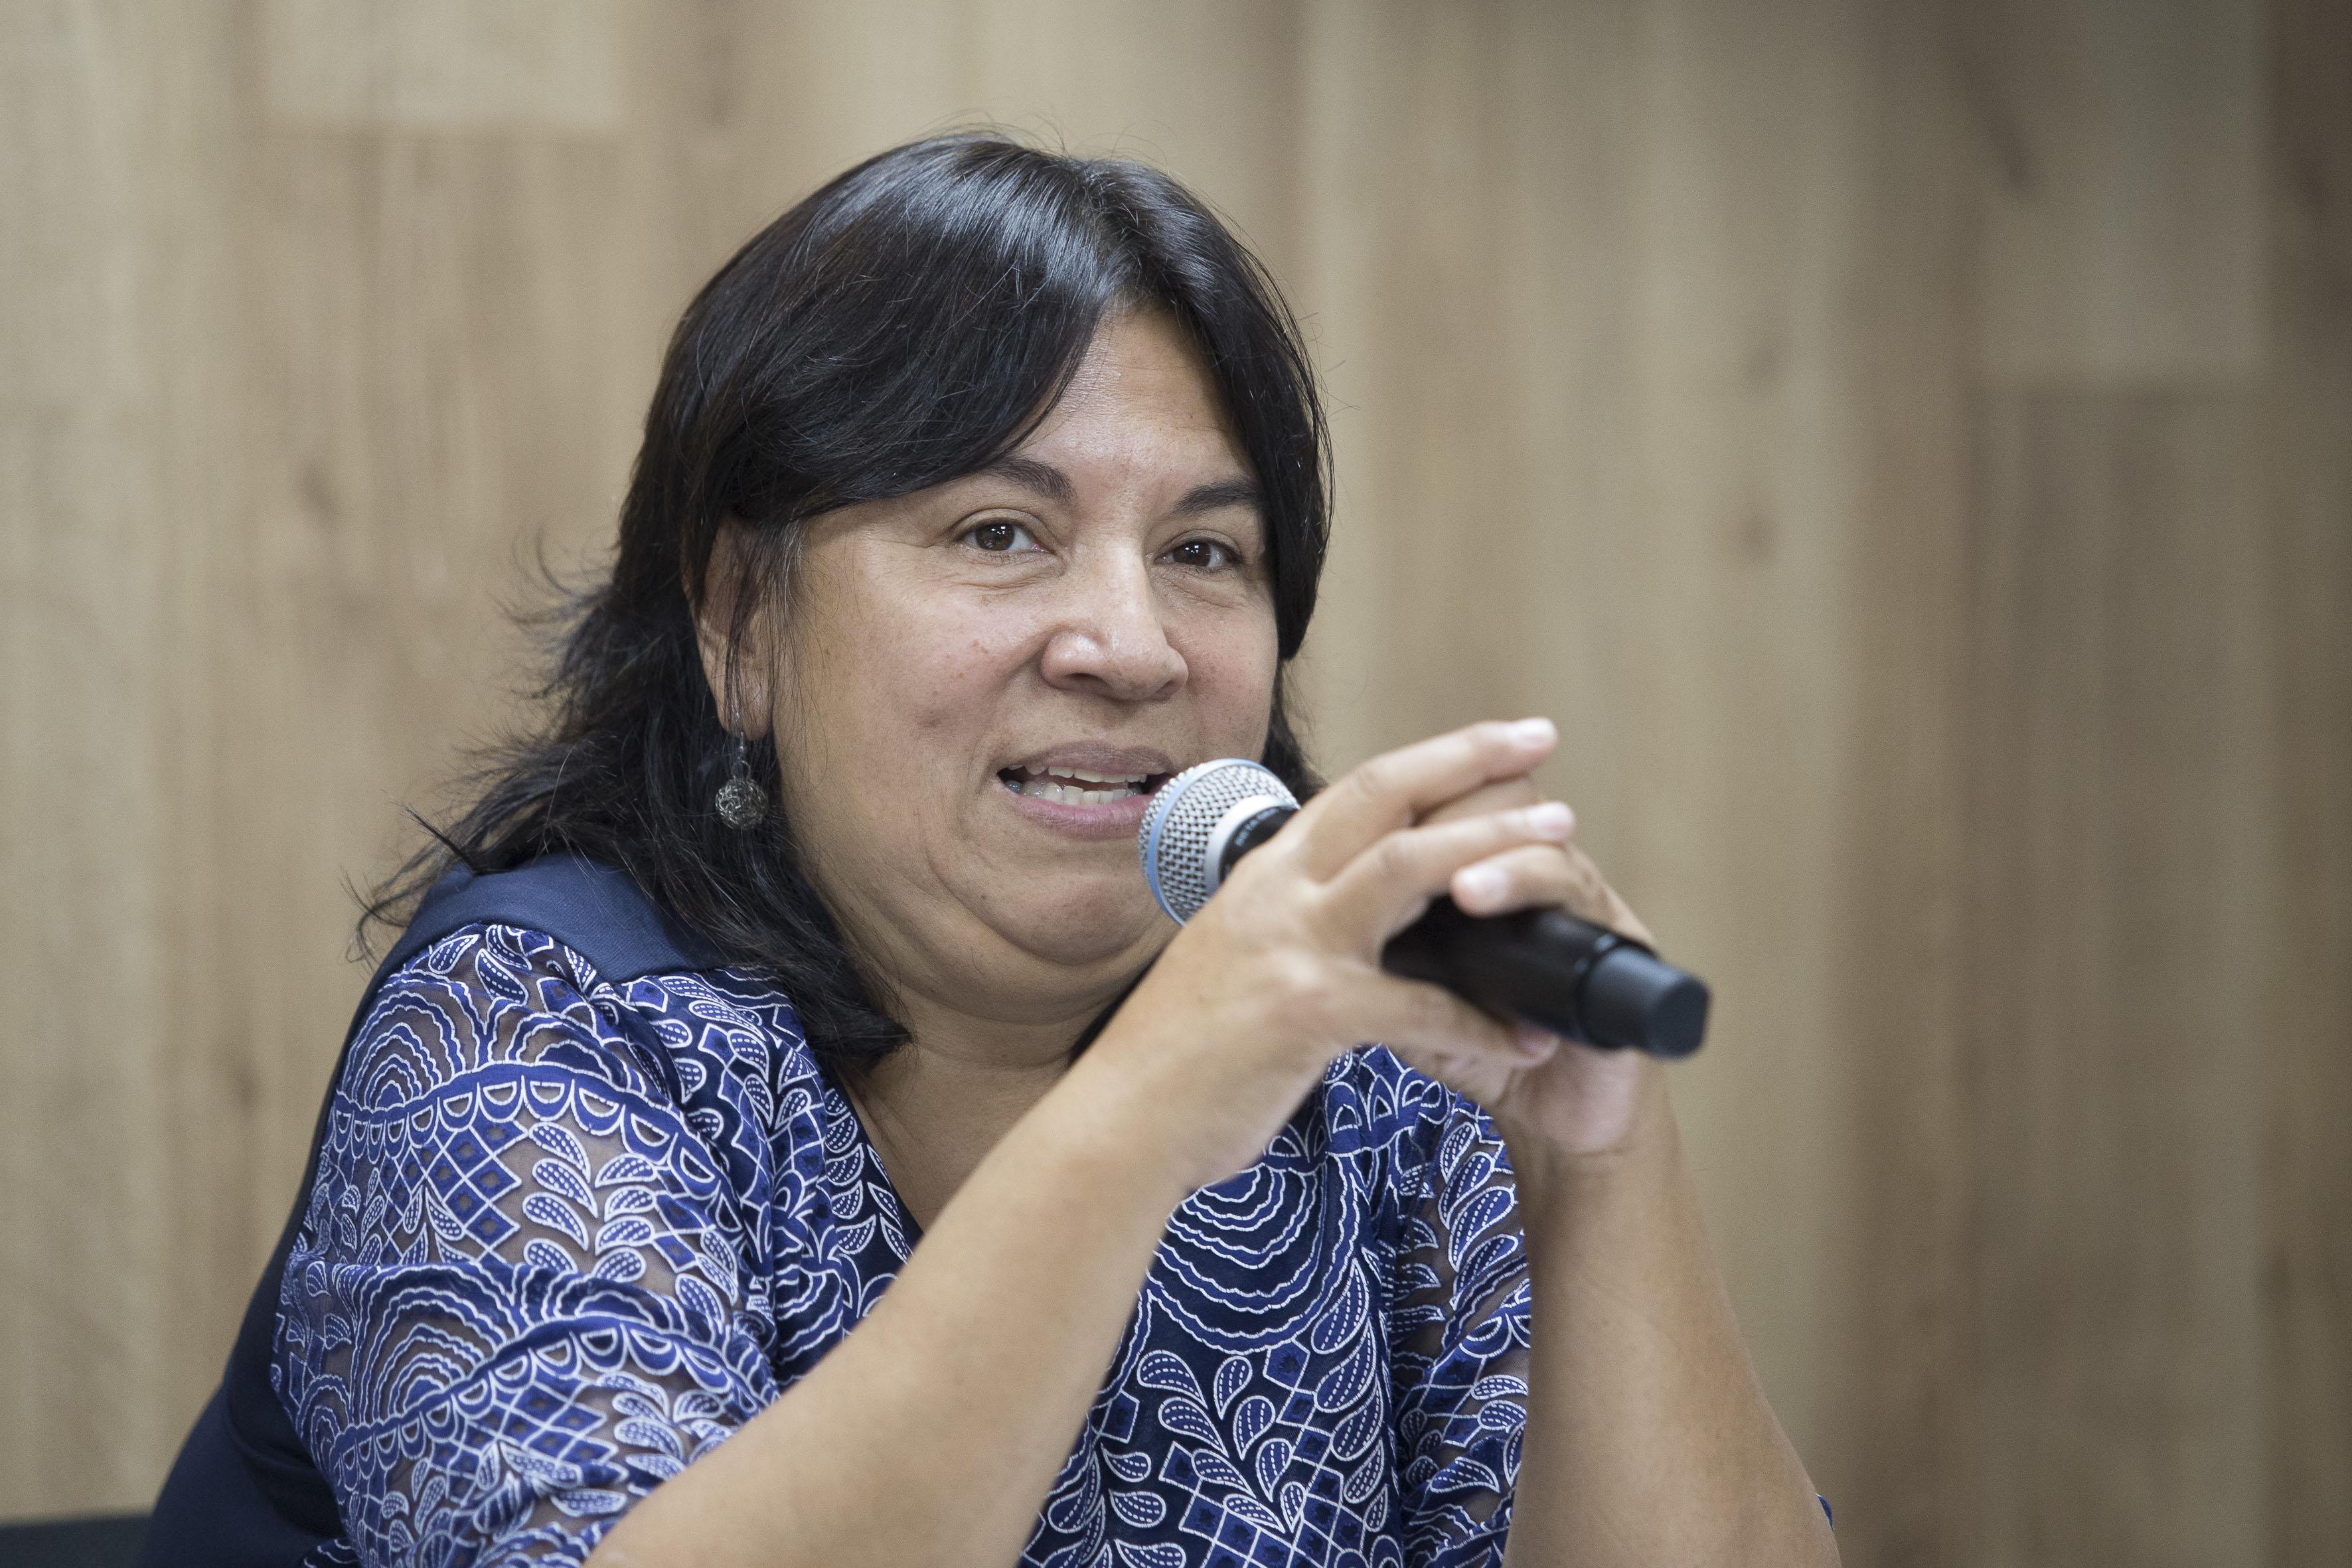 Doctora María Elena Chan Núñez, Directora del Instituto de Gestión del Conocimiento y del Aprendizaje en Ambientes Virtuales, haciendo uso de la palabra.